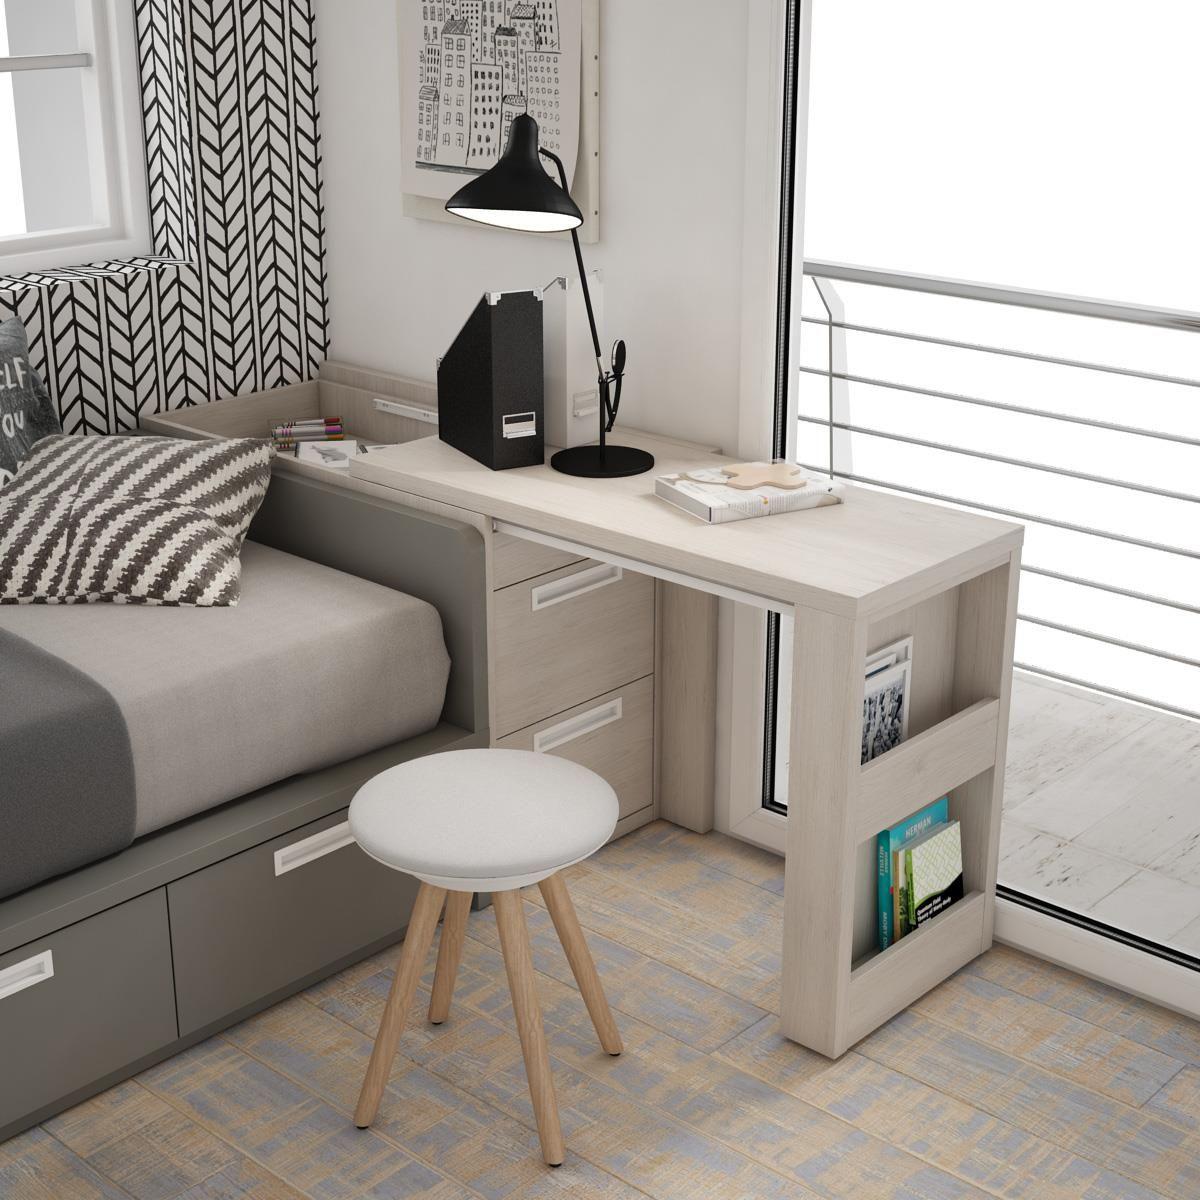 En habitaciones peque as donde el balc n coincide con la zona del escritorio c mo logramos un - Escritorios para habitaciones pequenas ...